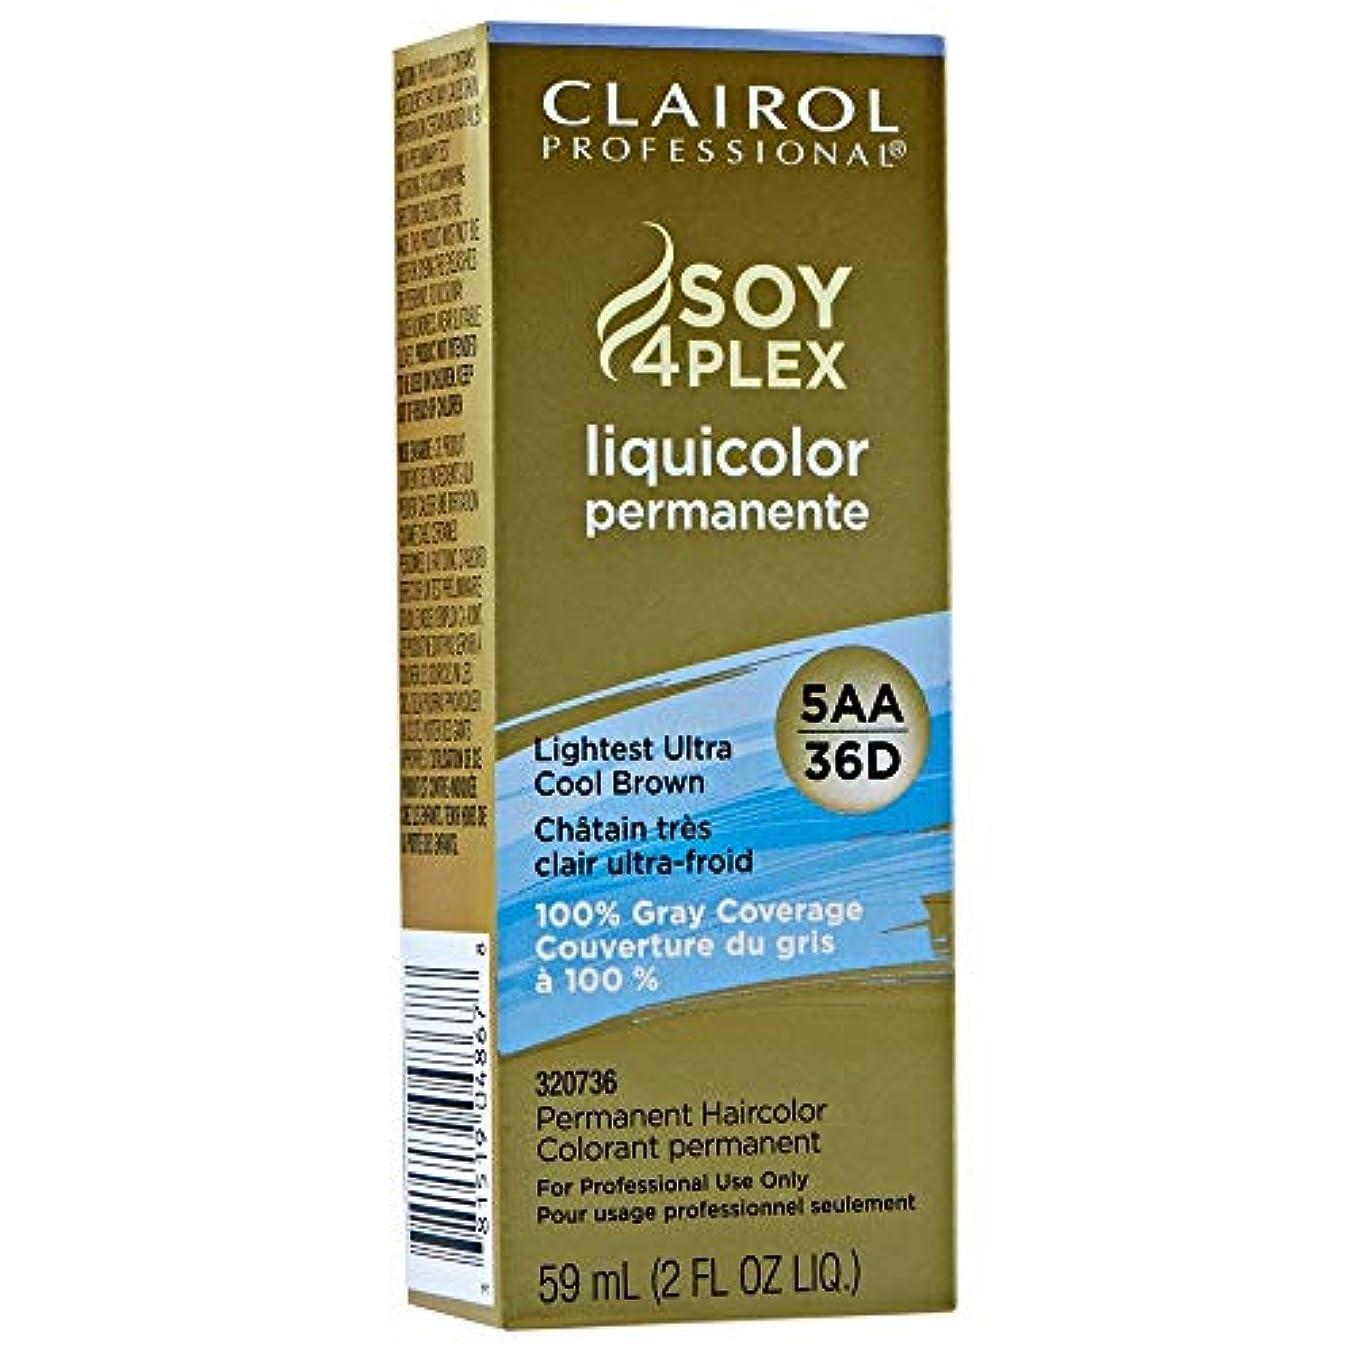 電話に出る談話あたたかいClairol Professional Soy 4 Plex Liquicolor Permanent 36D Lightest Ultra Cool Brown 59 ml (並行輸入品)